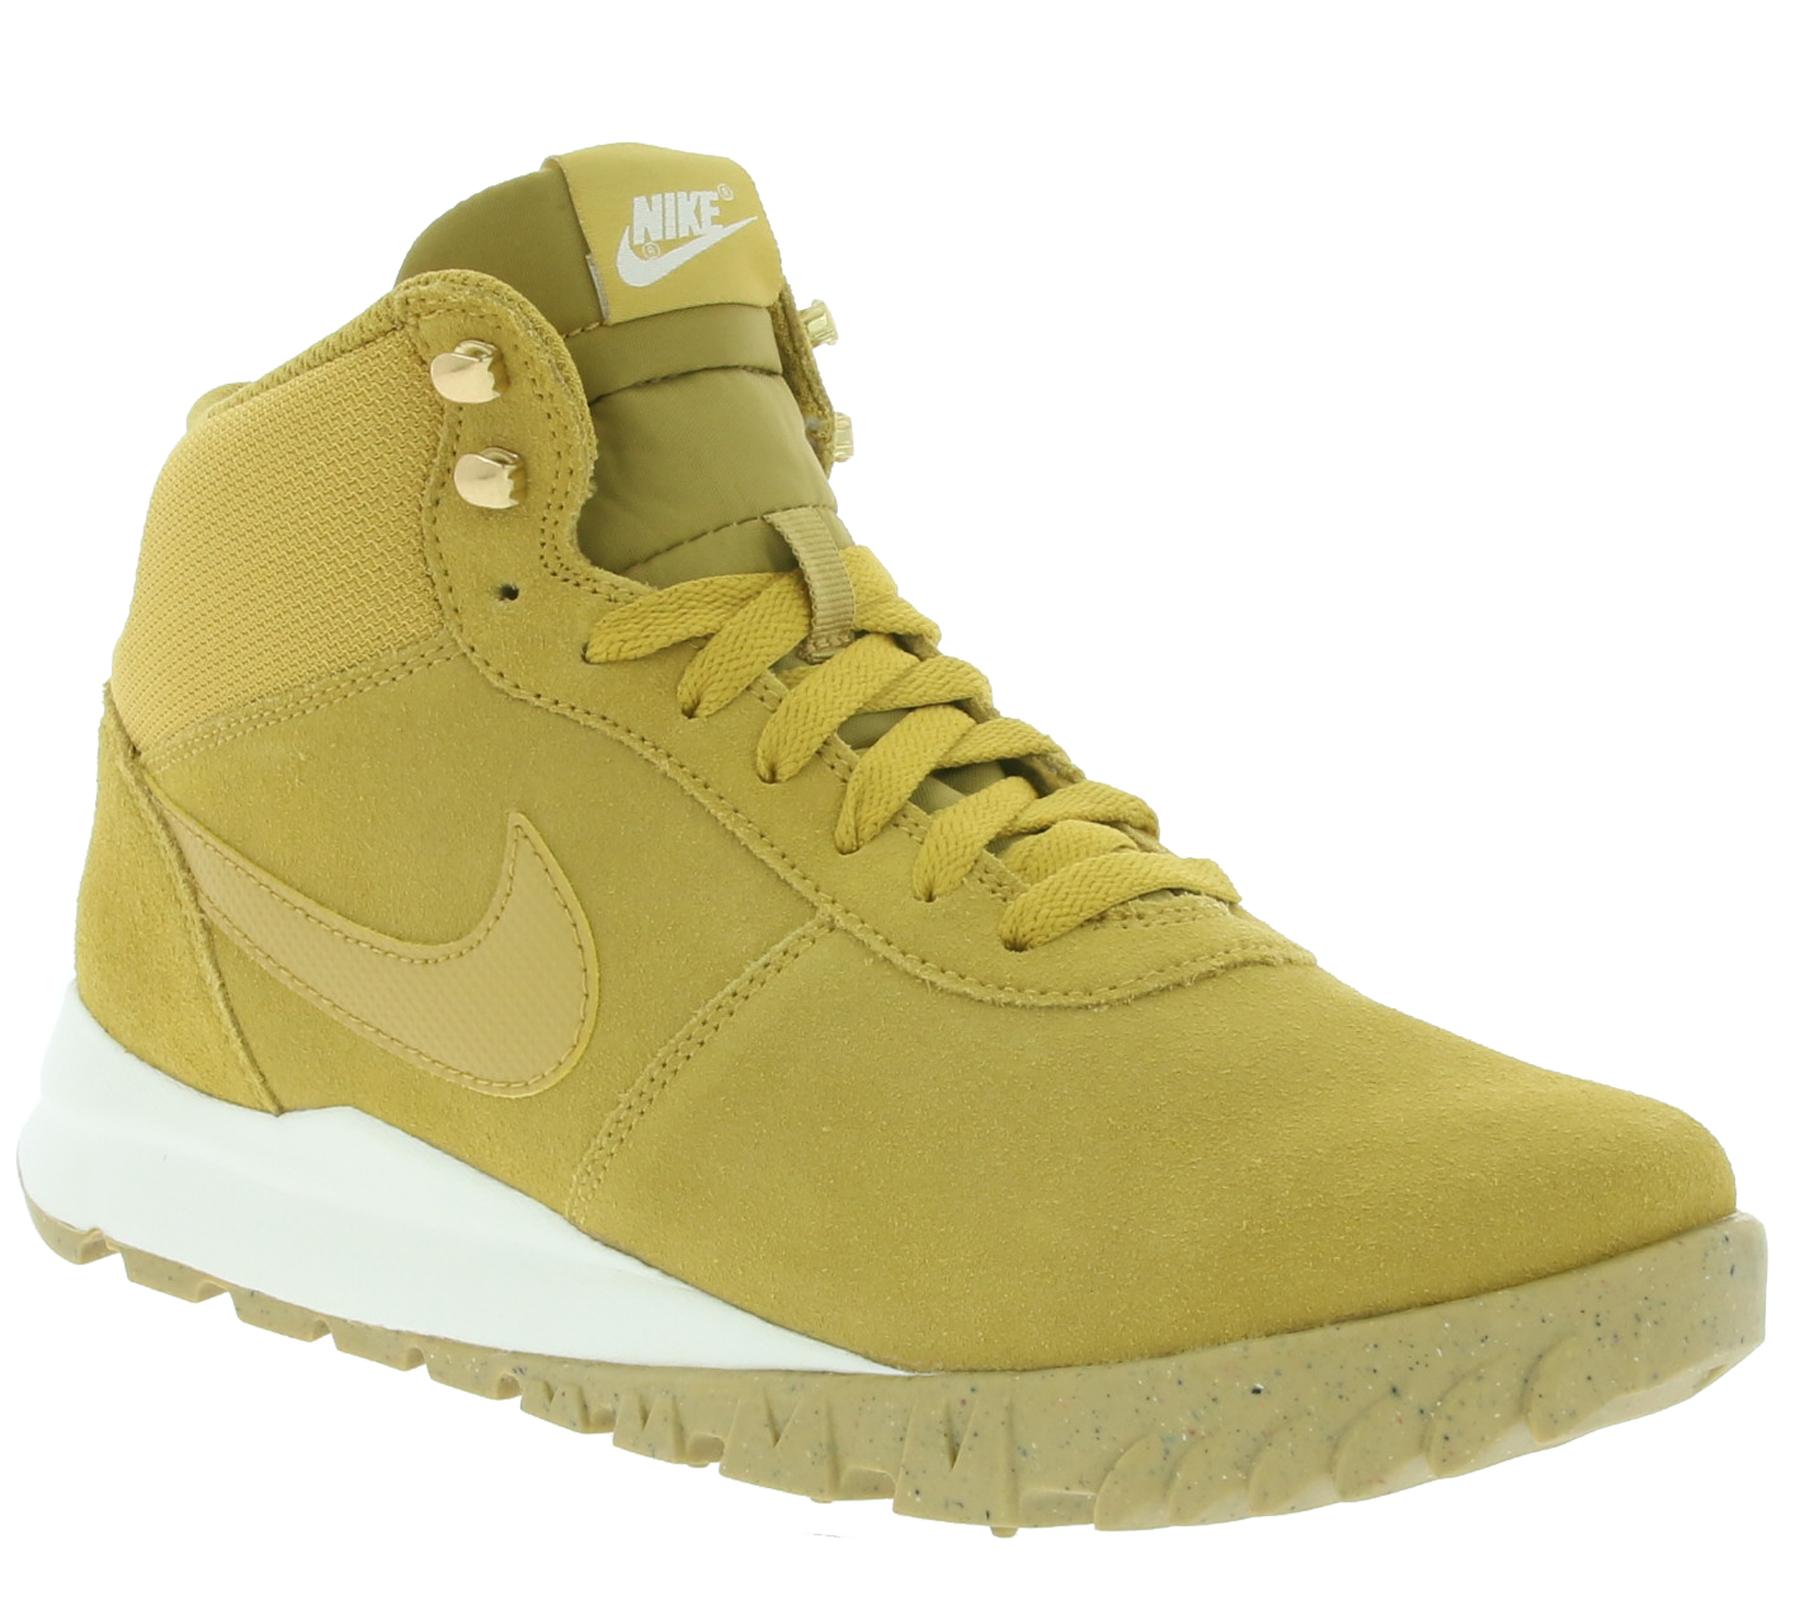 Nike Hoodland Suede Echtleder Boots